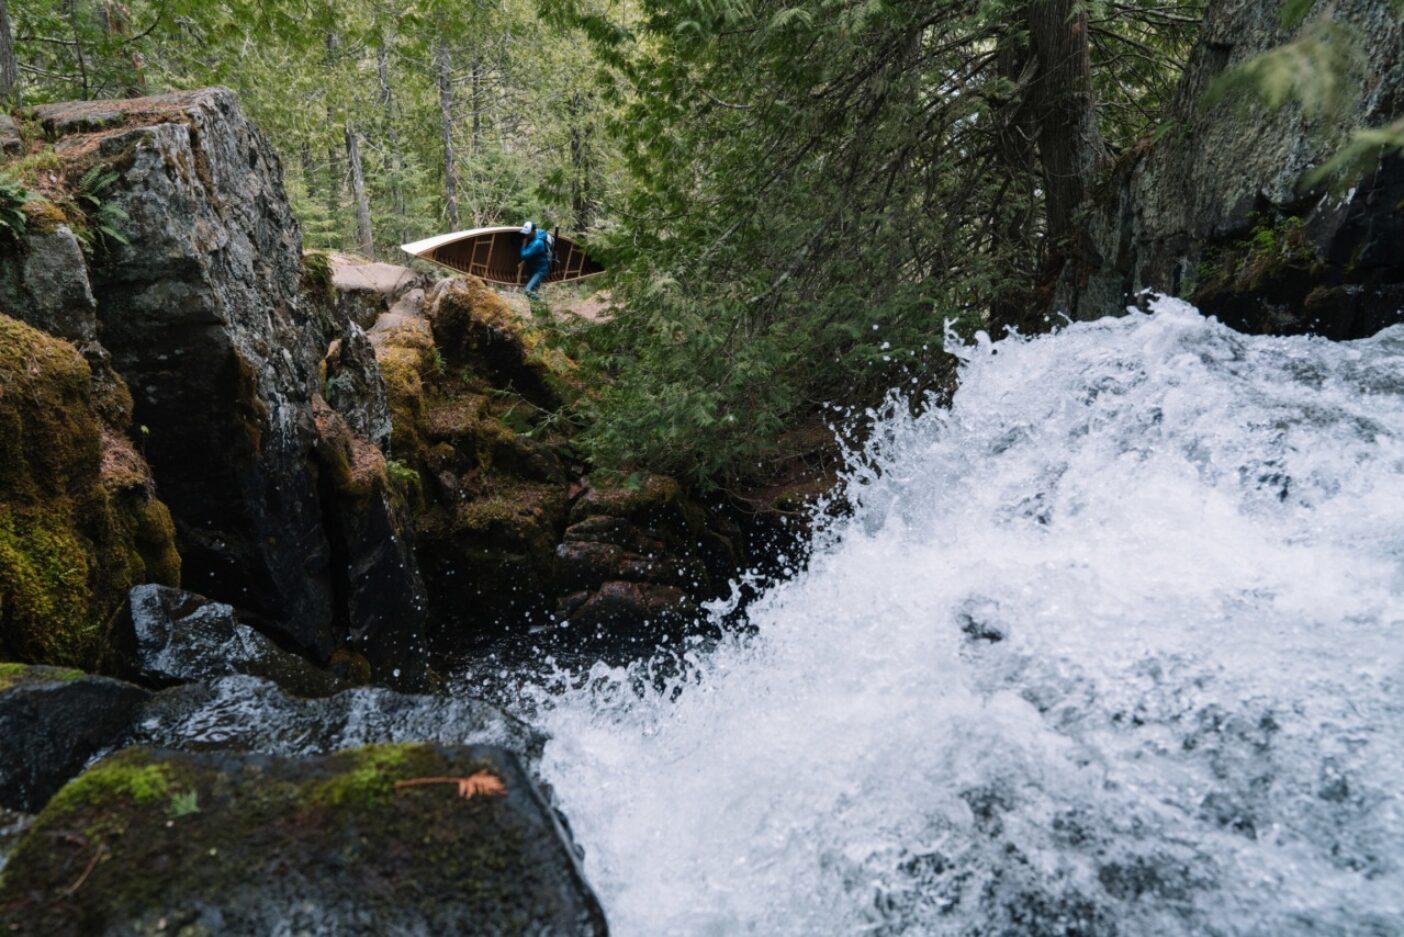 下ることができないときは迂回するしかない。バウンダリー・ウォーターズ・カヌー・エリア・ウィルダネスの釣りのできない岩瀬を飛ばして進む著者。Photo : TONY CZECH